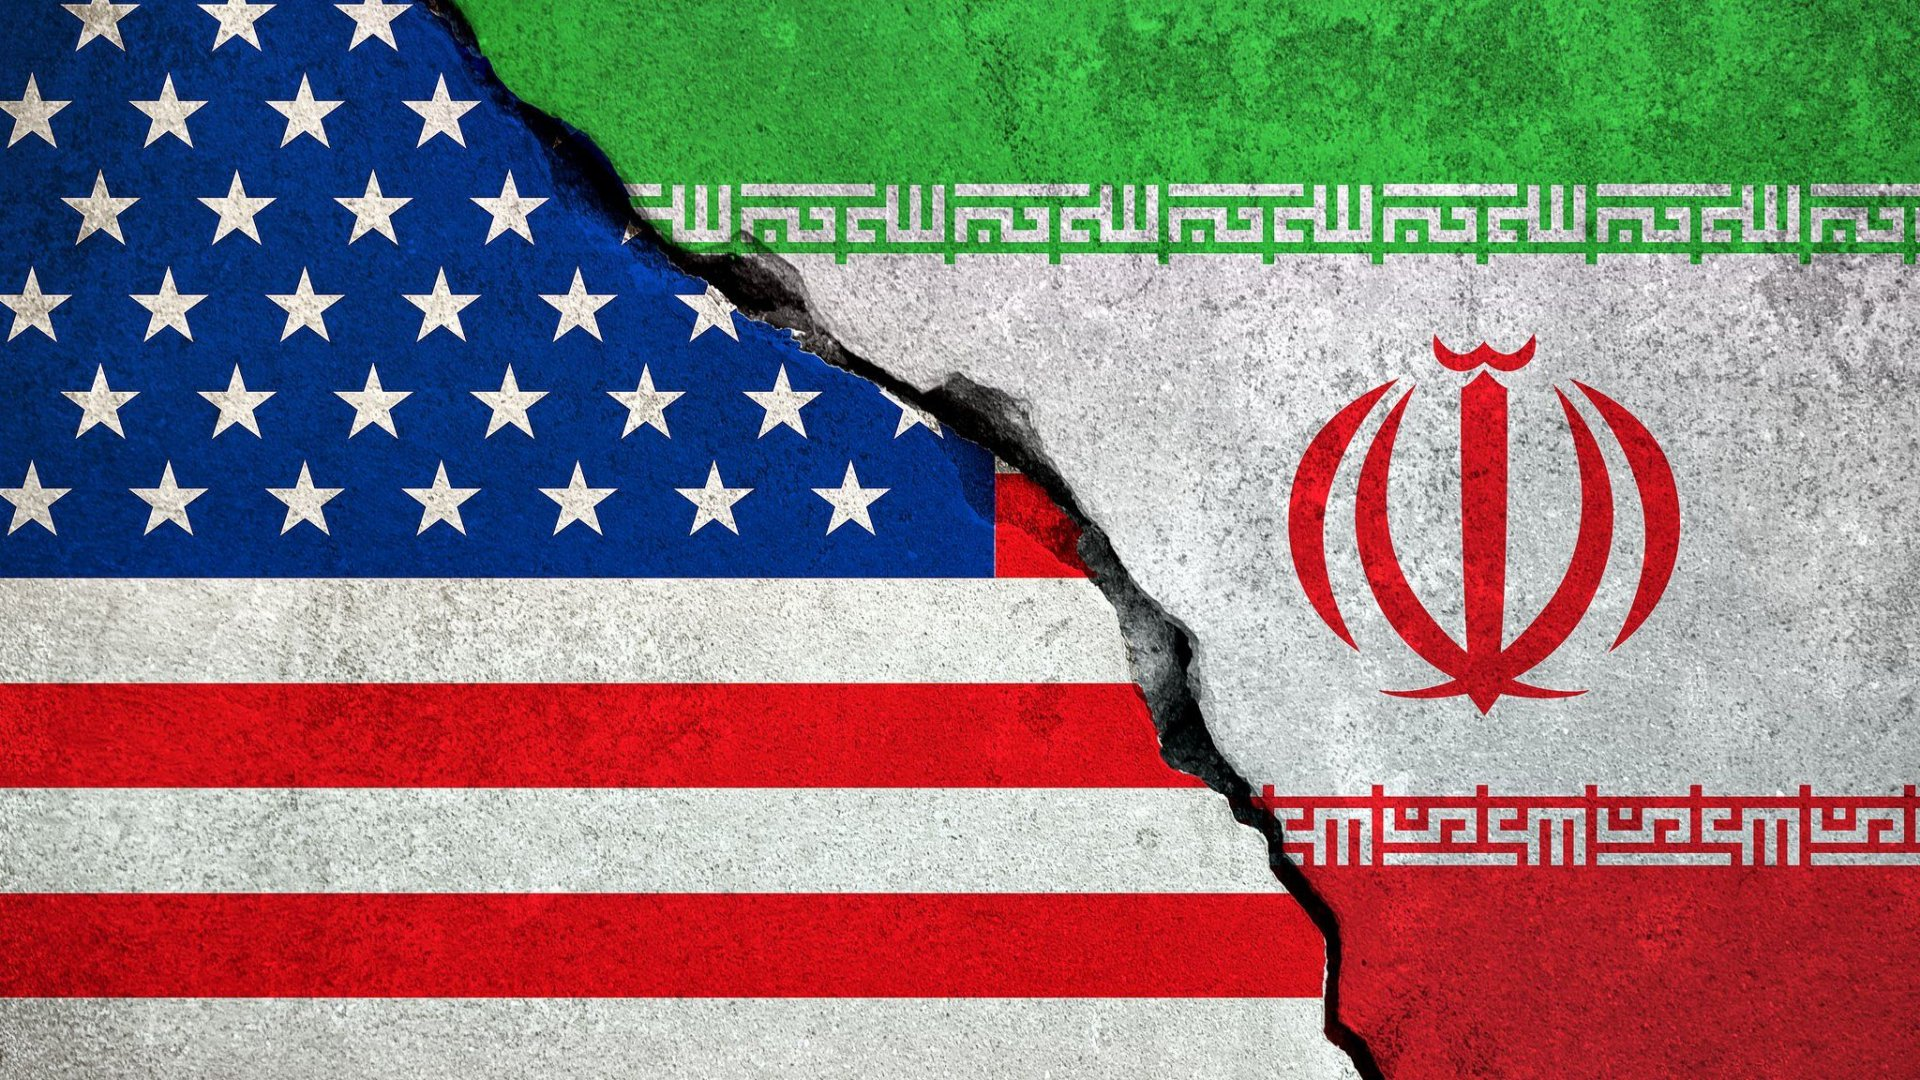 АНУ-ын эрх баригчид ирантай цөмийн хөтөлбөрийн талаар хэлэлцээр хийх хүсэлтэй байна гэв